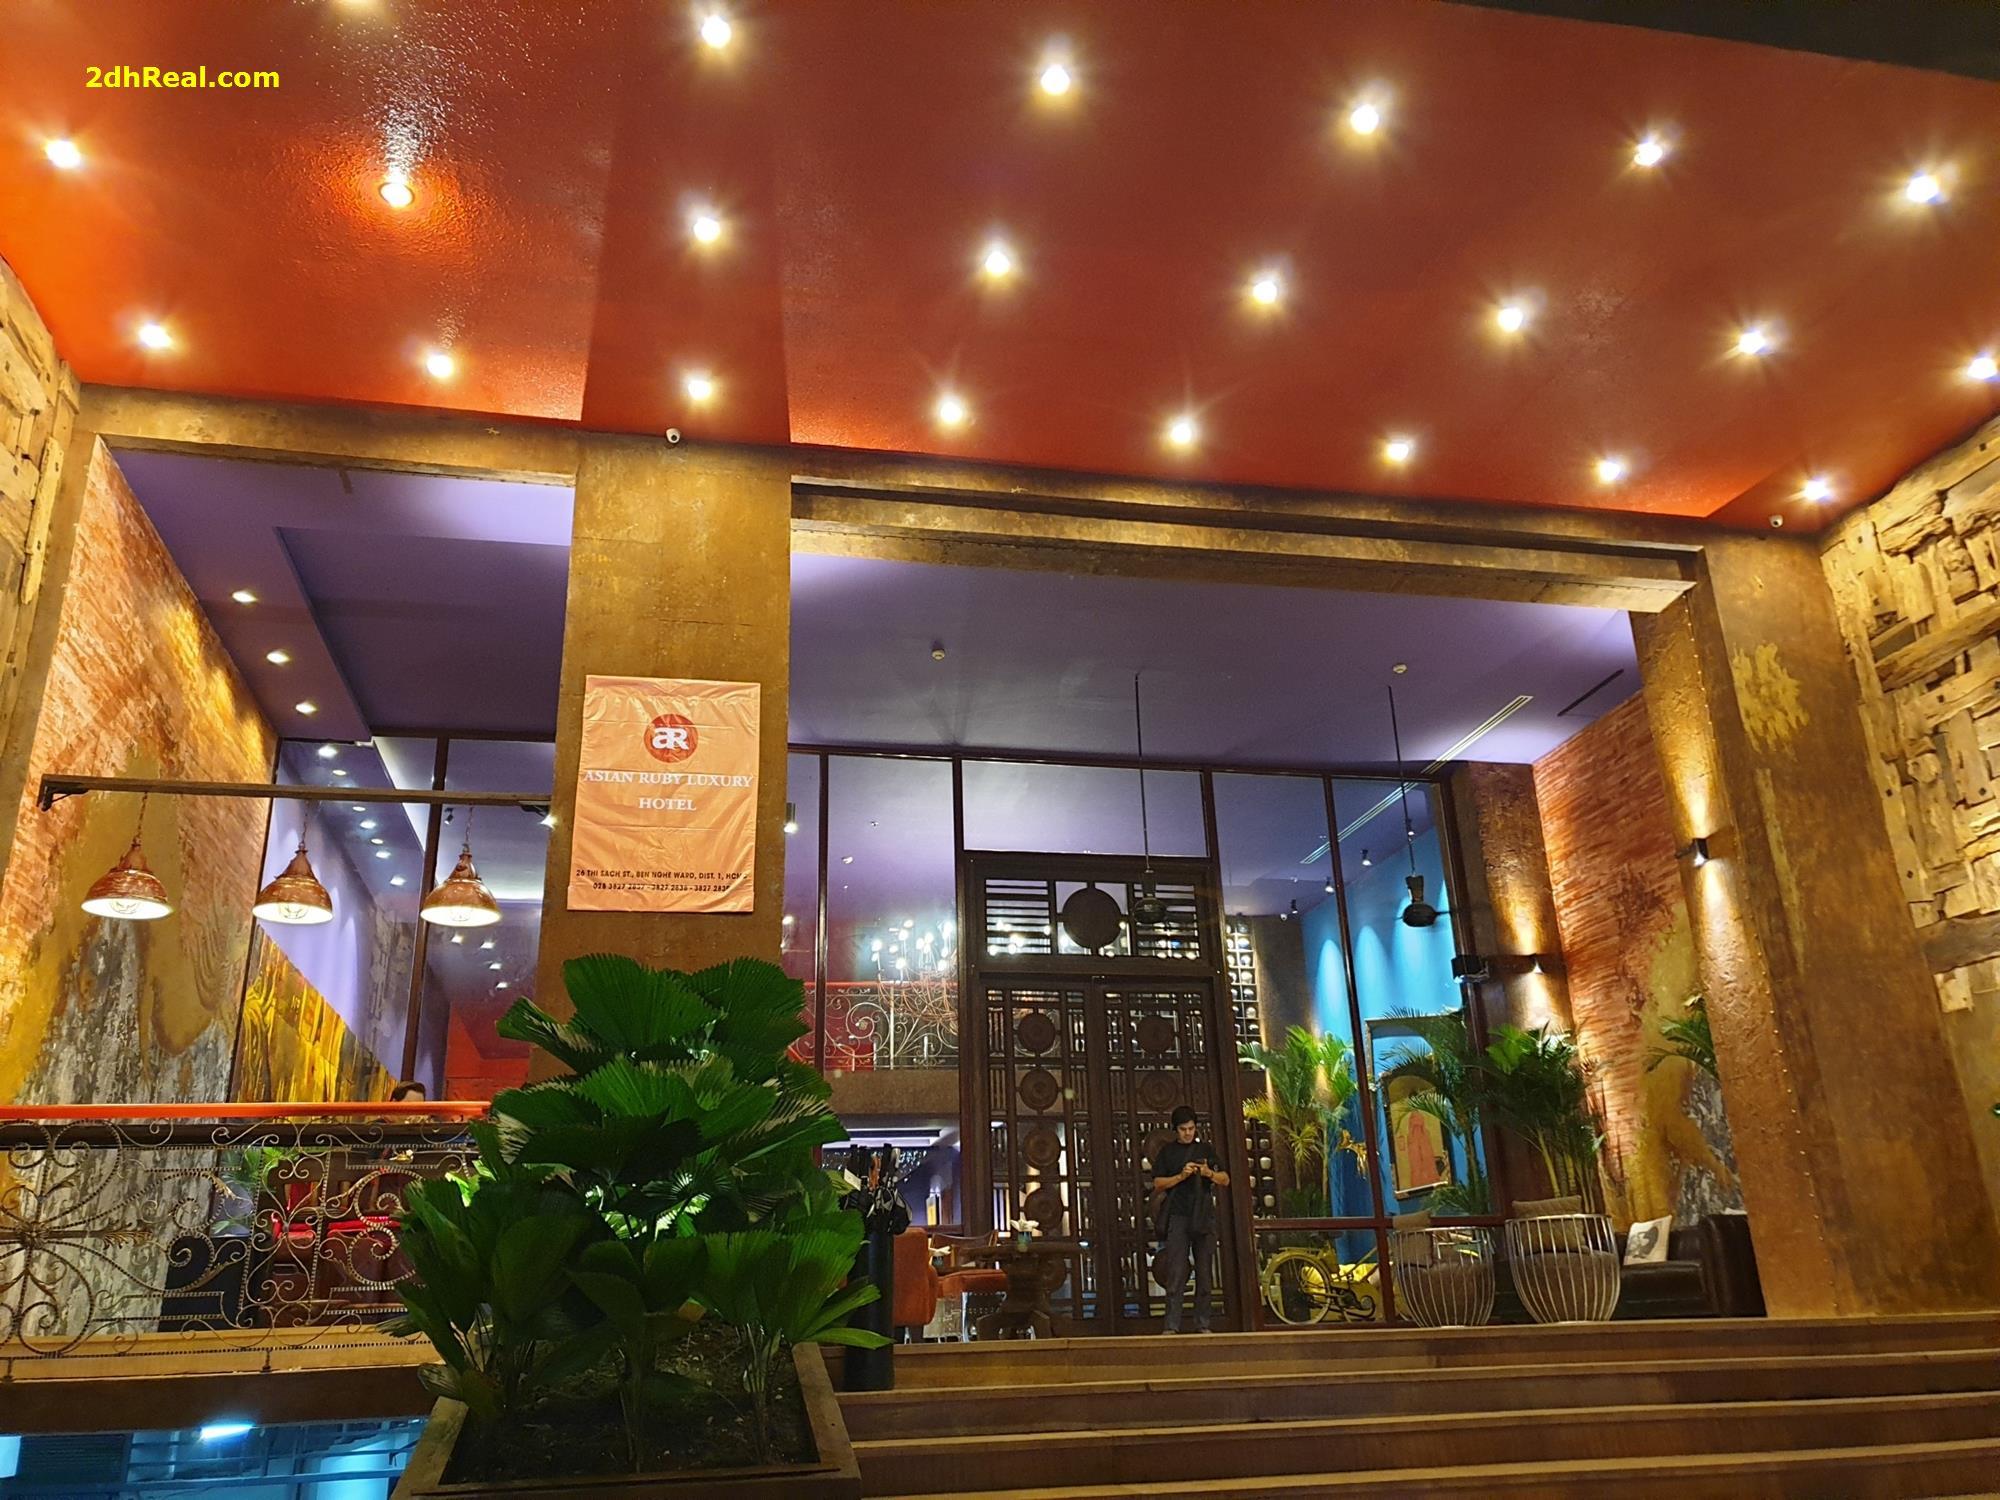 Bán Nhà Mặt Tiền Mạc Thị Bưởi, phường Bến Nghé, quận 1.